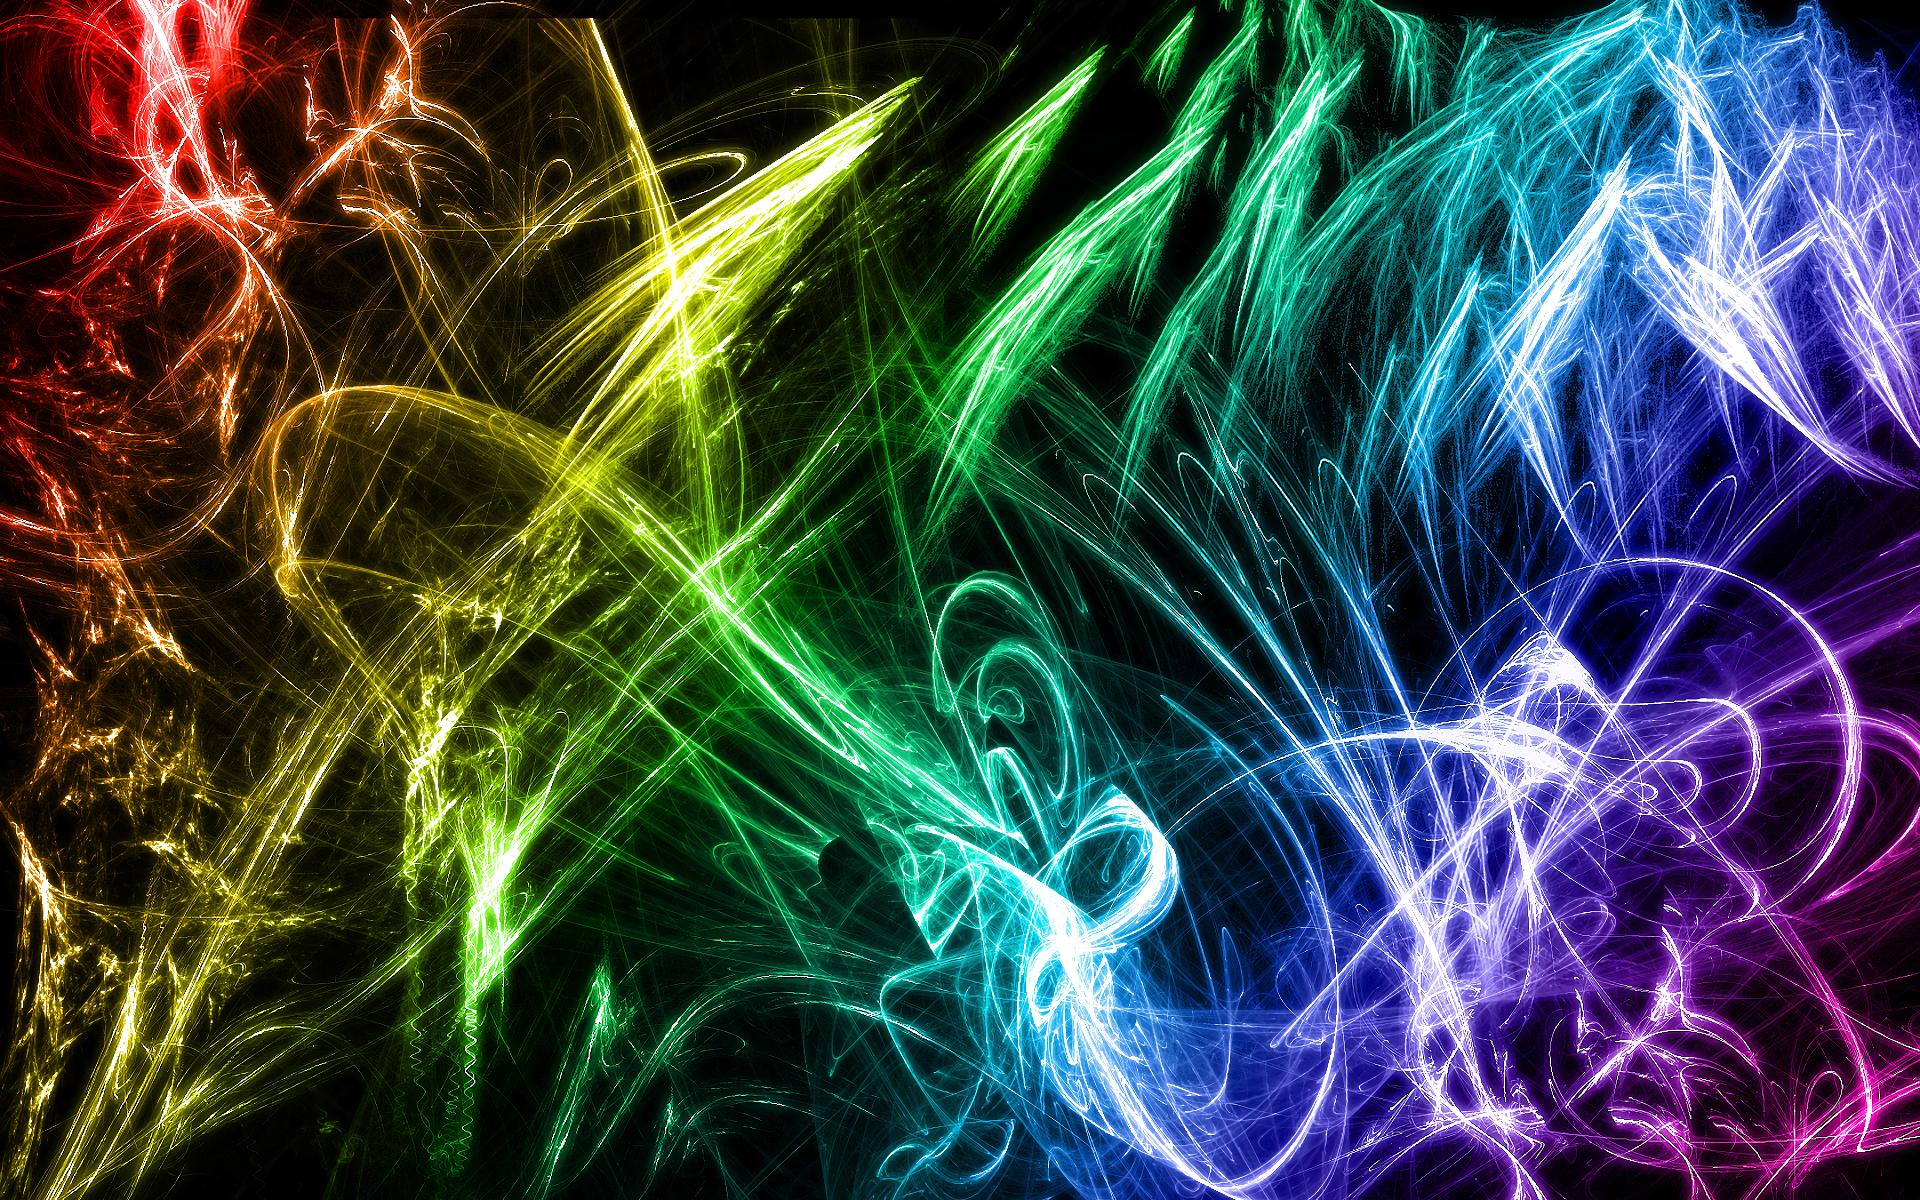 Colorful Delirium Hd Duvar Kağıdı Arka Plan 1920x1200 Id66068